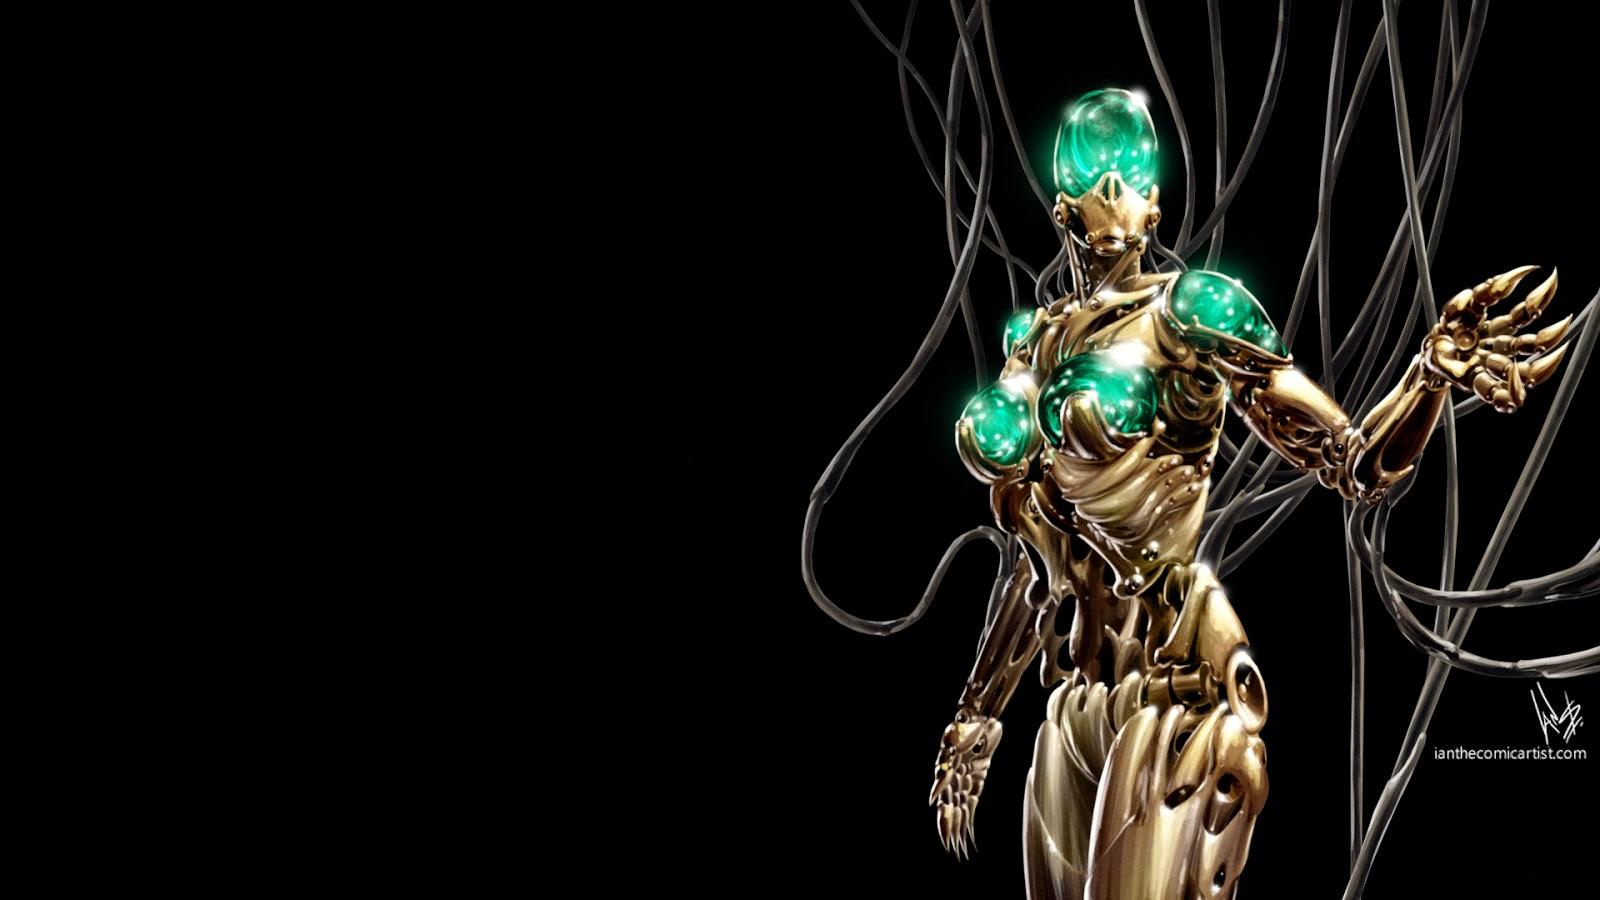 wallpaper cyberpunk metropolis robots - photo #14